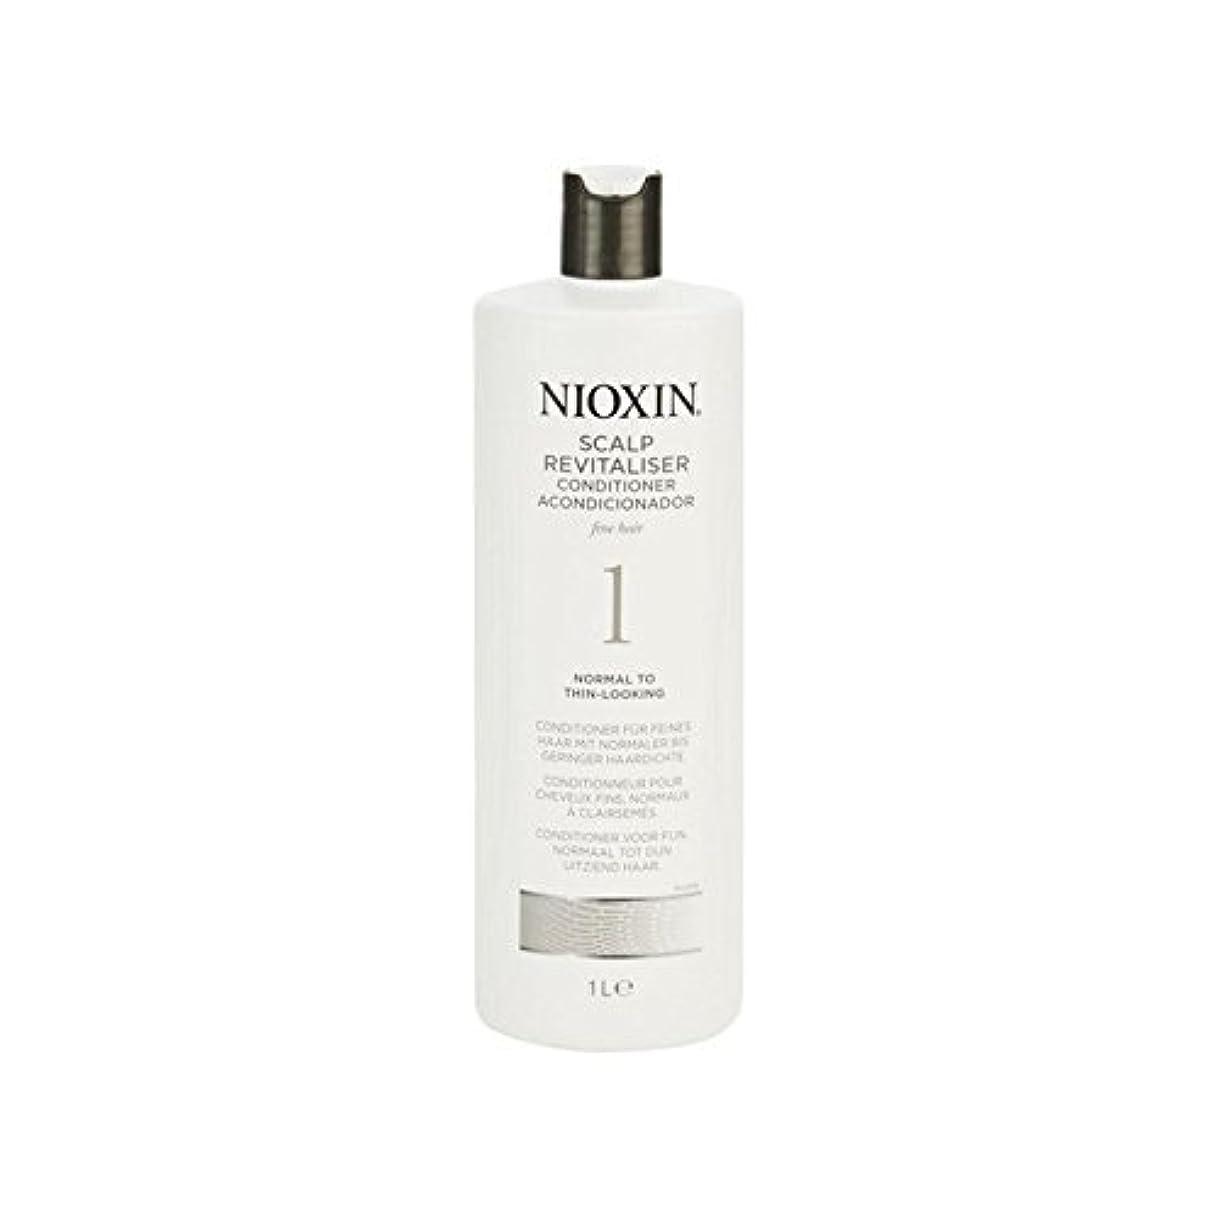 航海の三角形売上高Nioxin System 1 Scalp Revitaliser Conditioner For Normal To Fine Natural Hair 1000ml - 細かい自然な髪千ミリリットルに、通常のためニオキシンシステム...